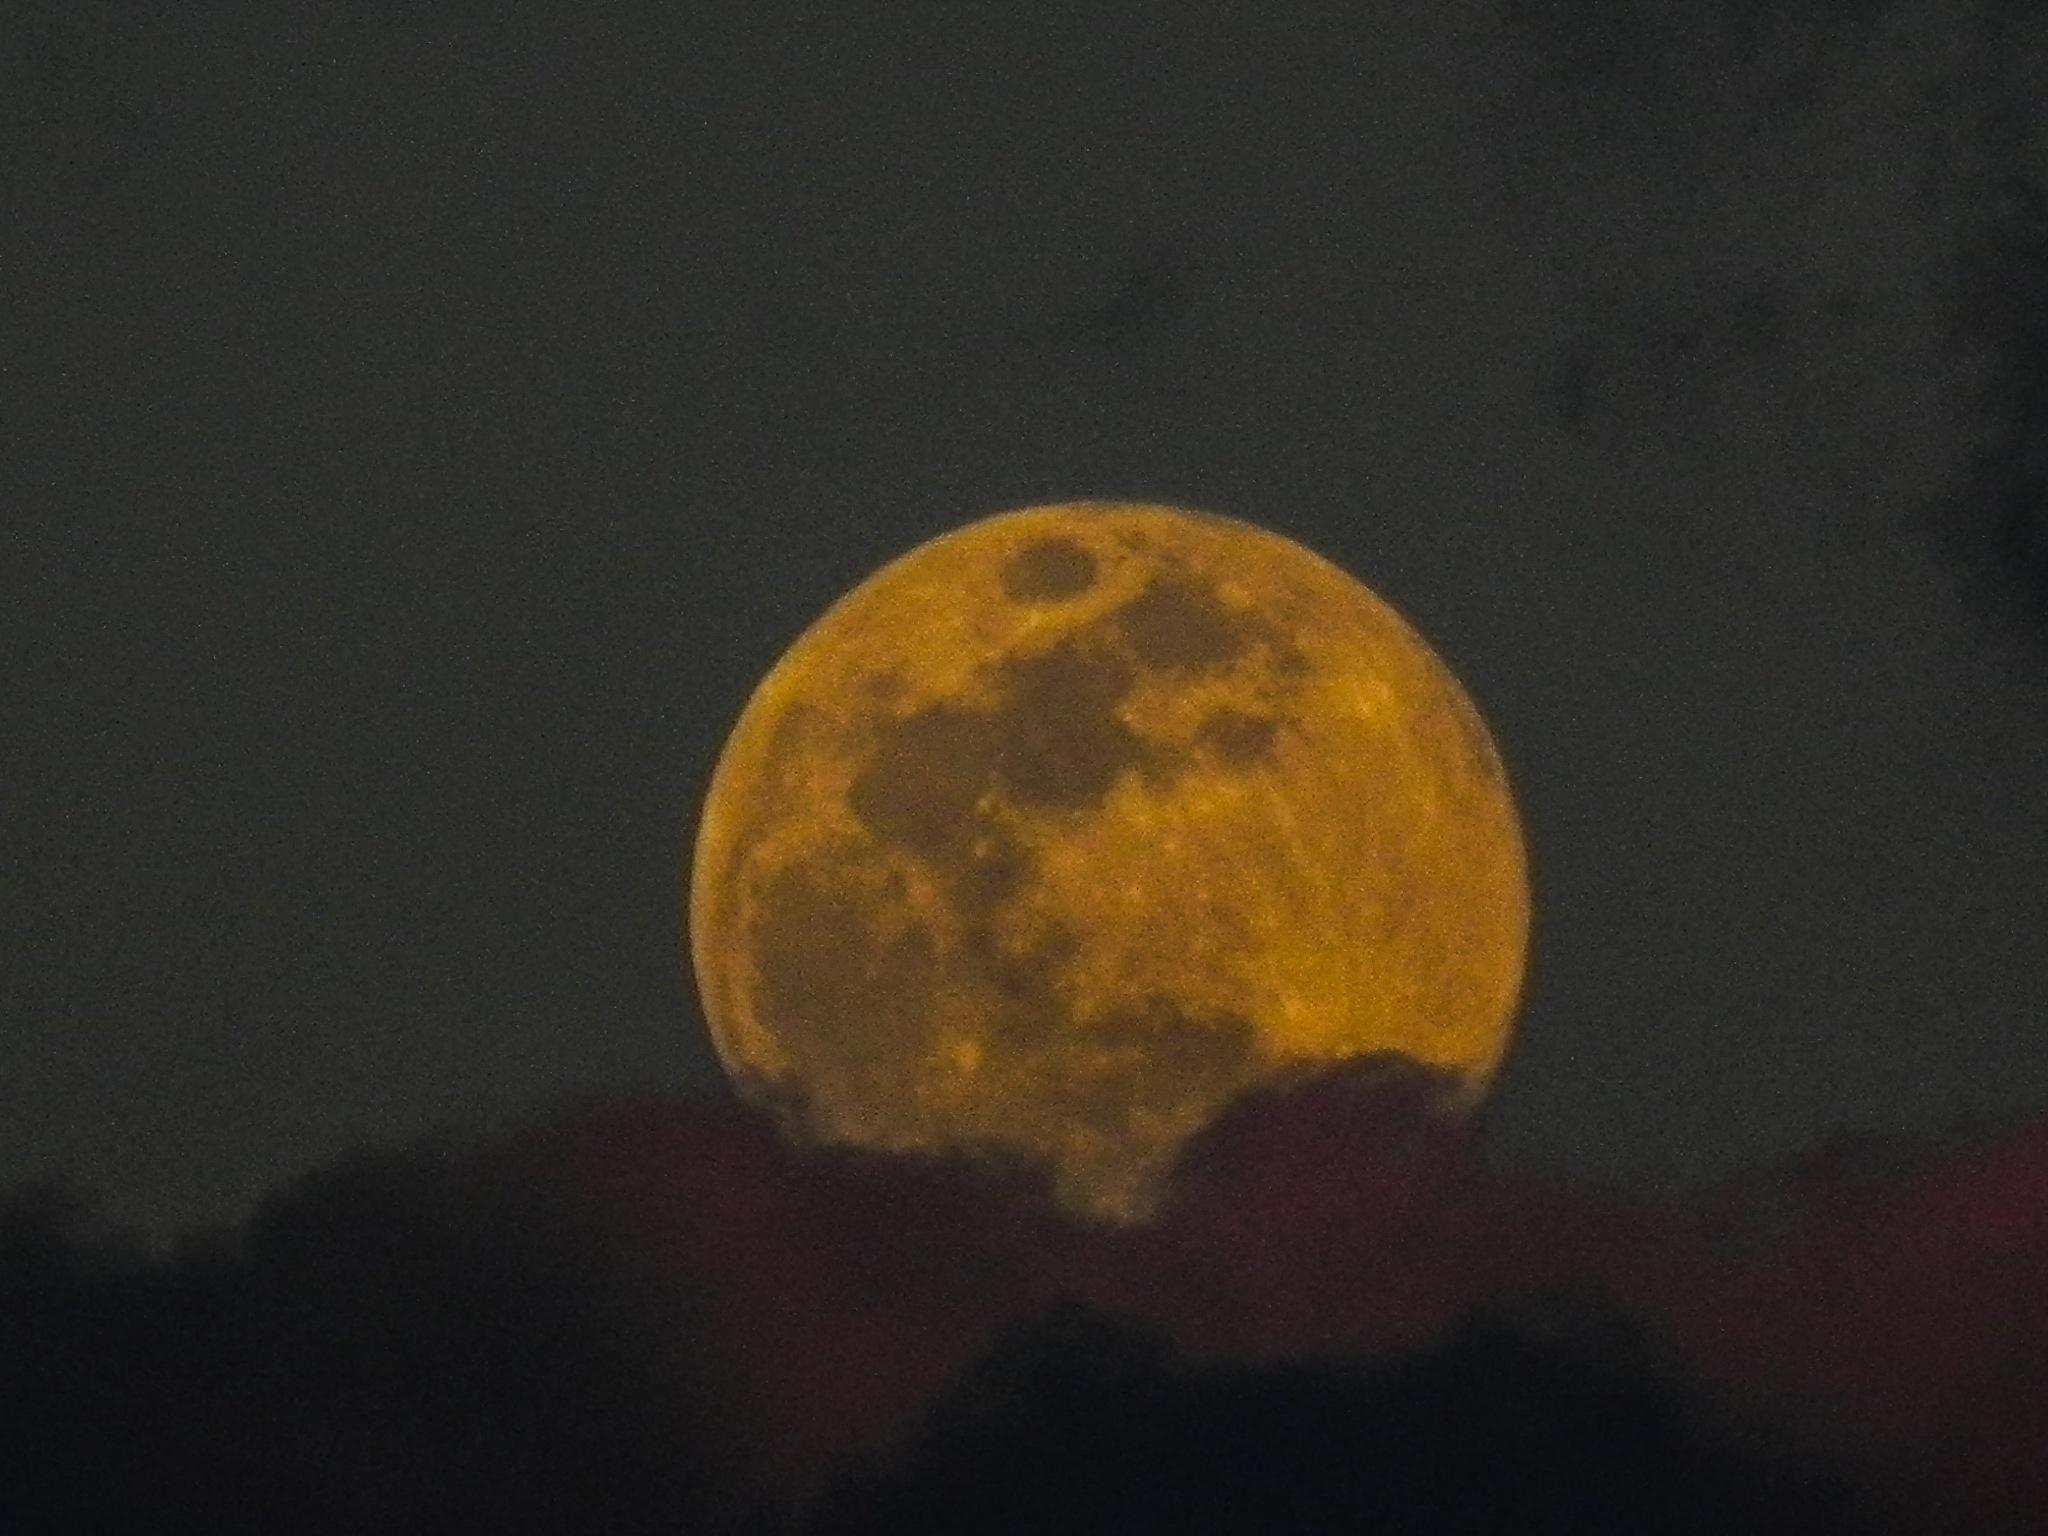 full moon by amanda b.